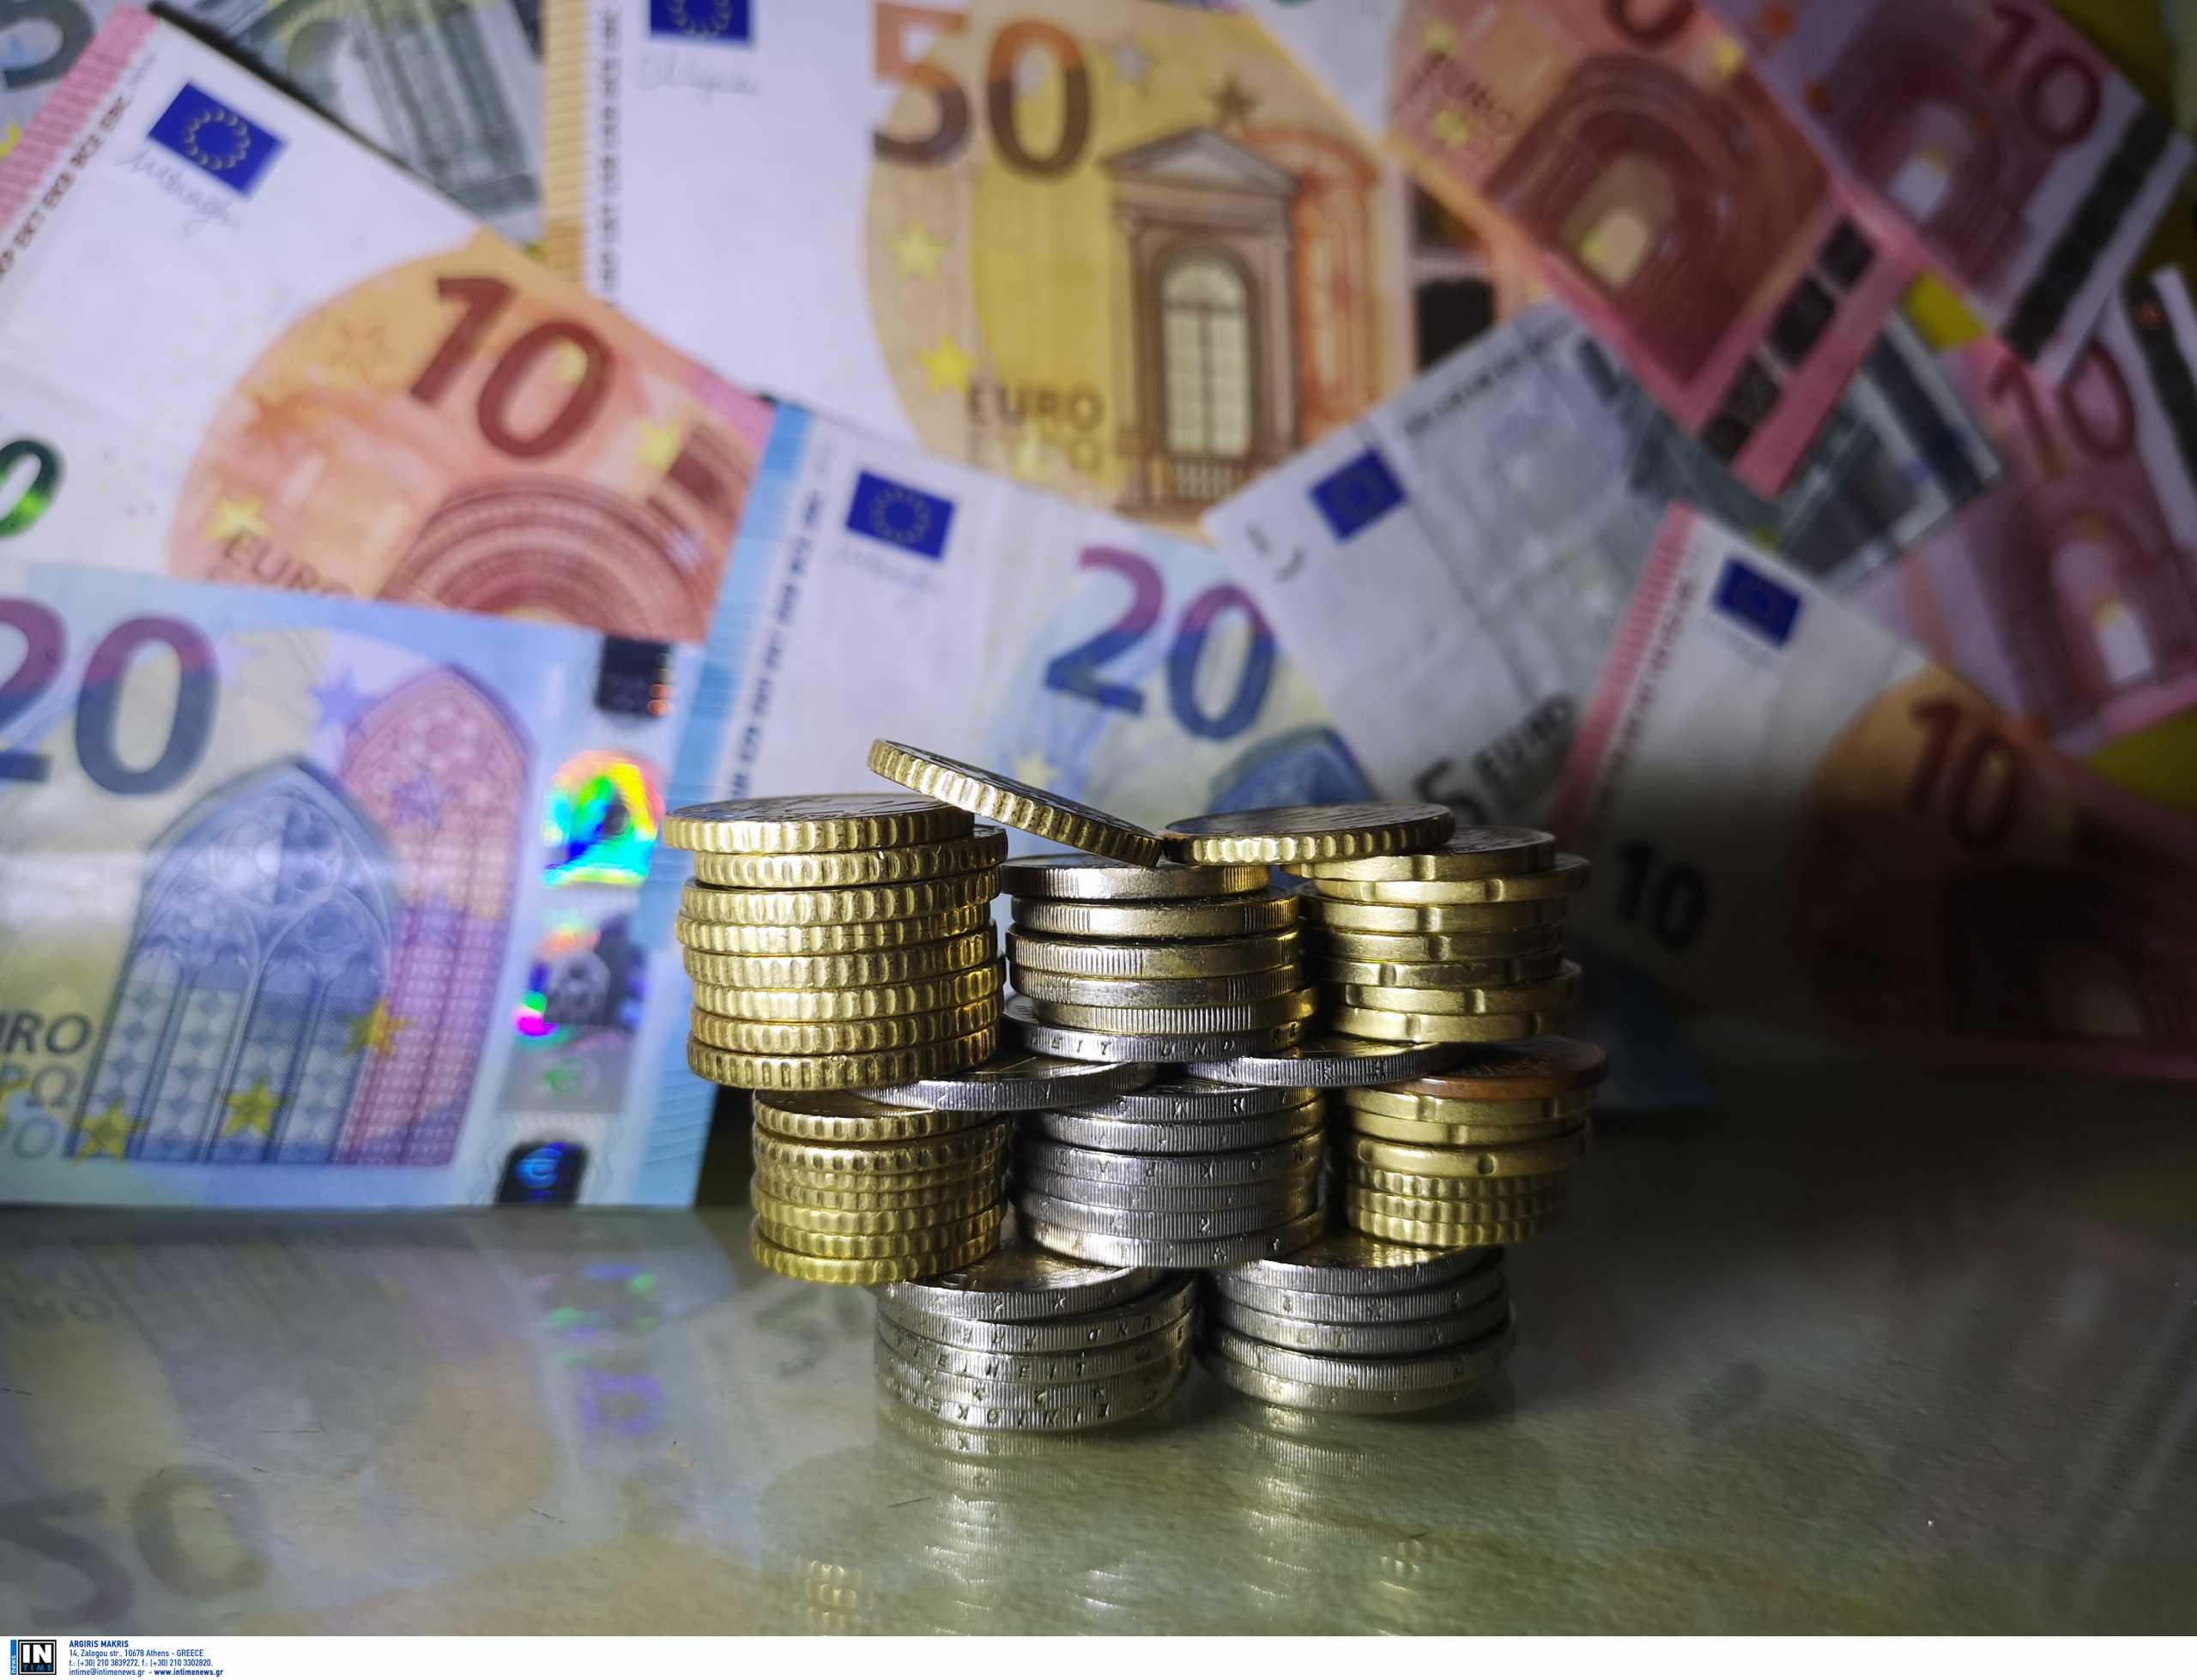 Ρέγκλινγκ: Πιο ισχυρός βγήκε από το 2020 ο Ευρωπαϊκός Μηχανισμός Σταθερότητας